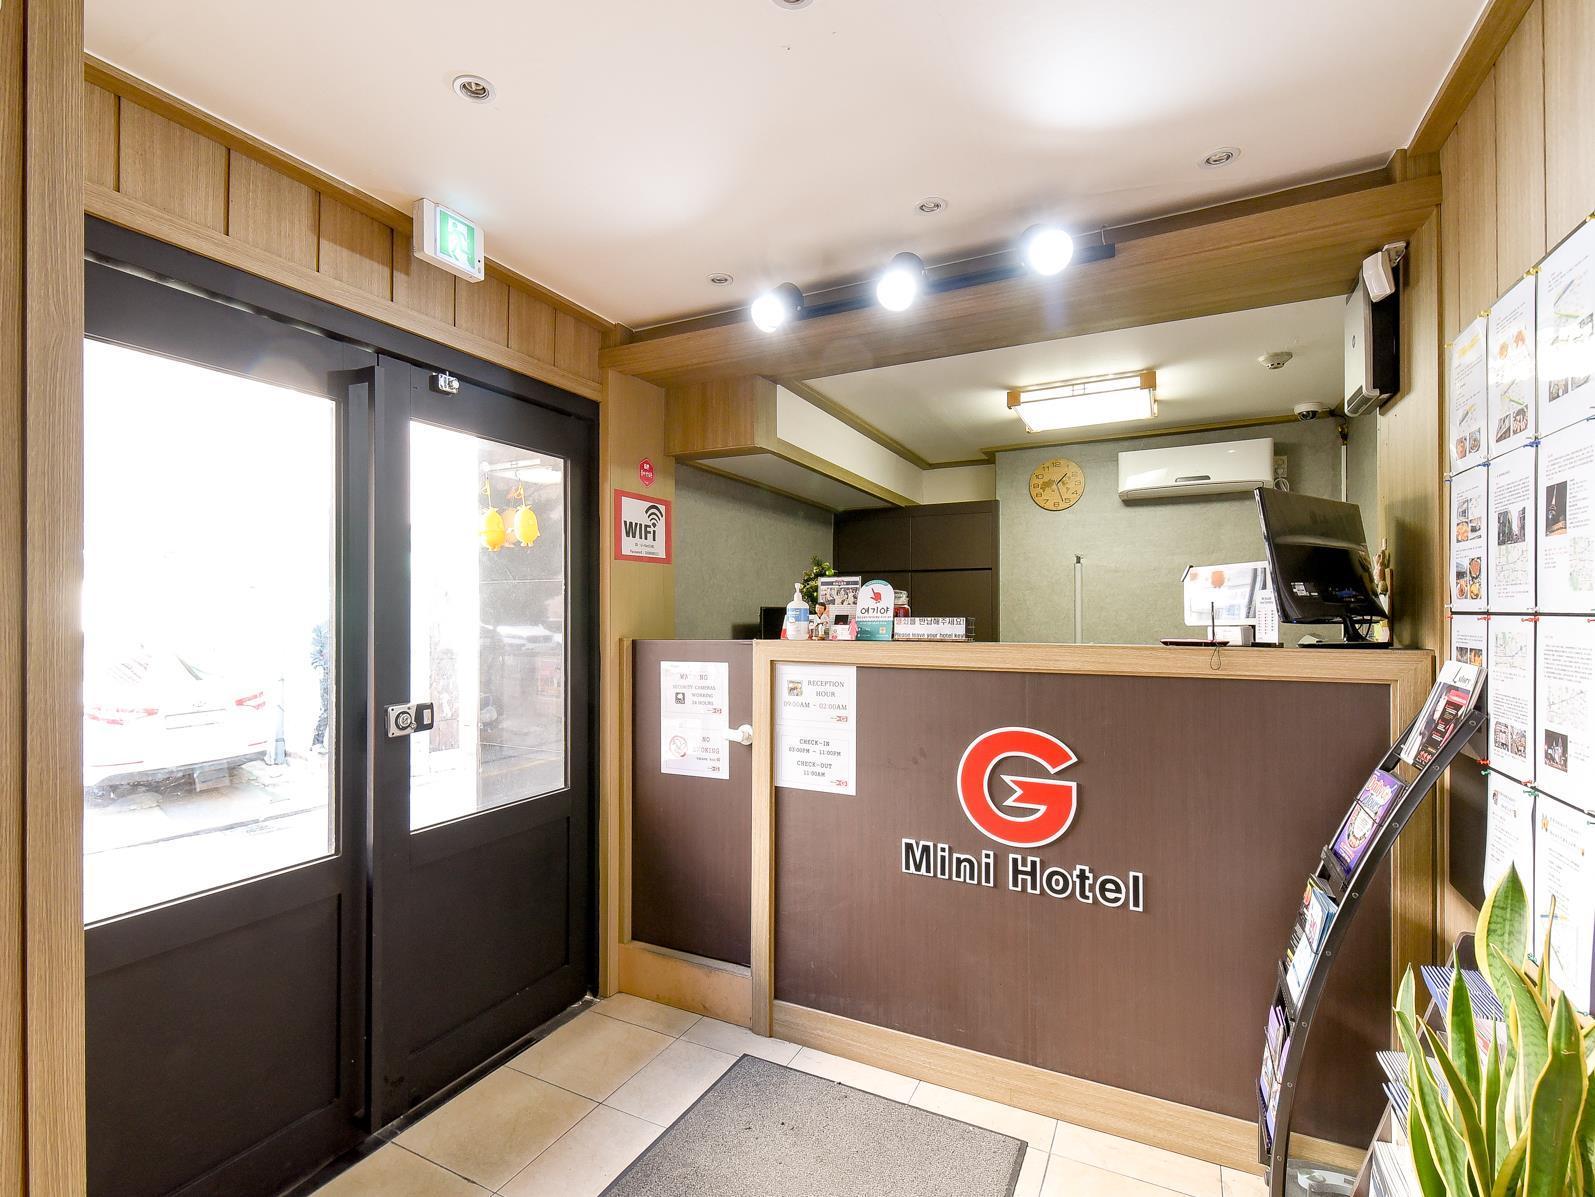 G mini hotel dongdaemun dongdaemun seoul south korea for G design hotel